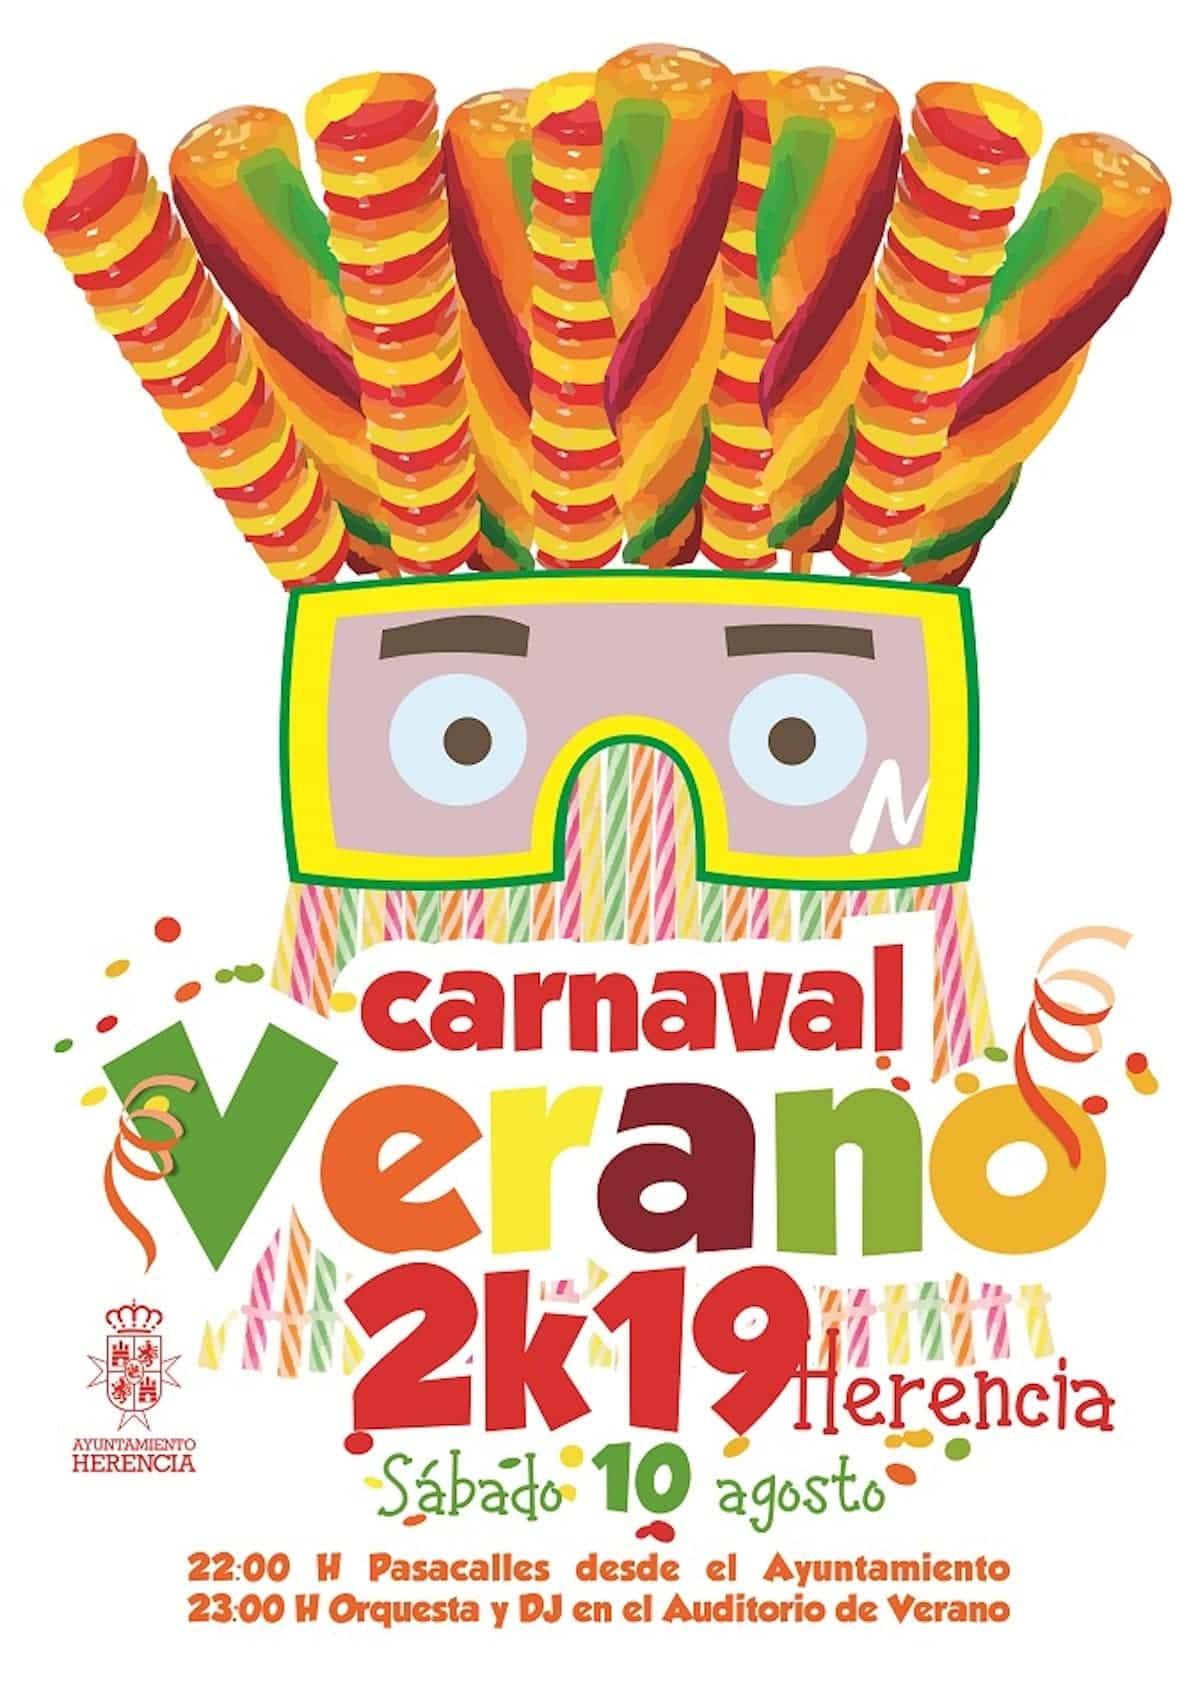 cartel carnaval de verano herencia ciudad real castilla la mancha spain - Herencia prepara el auténtico Carnaval de verano manchego